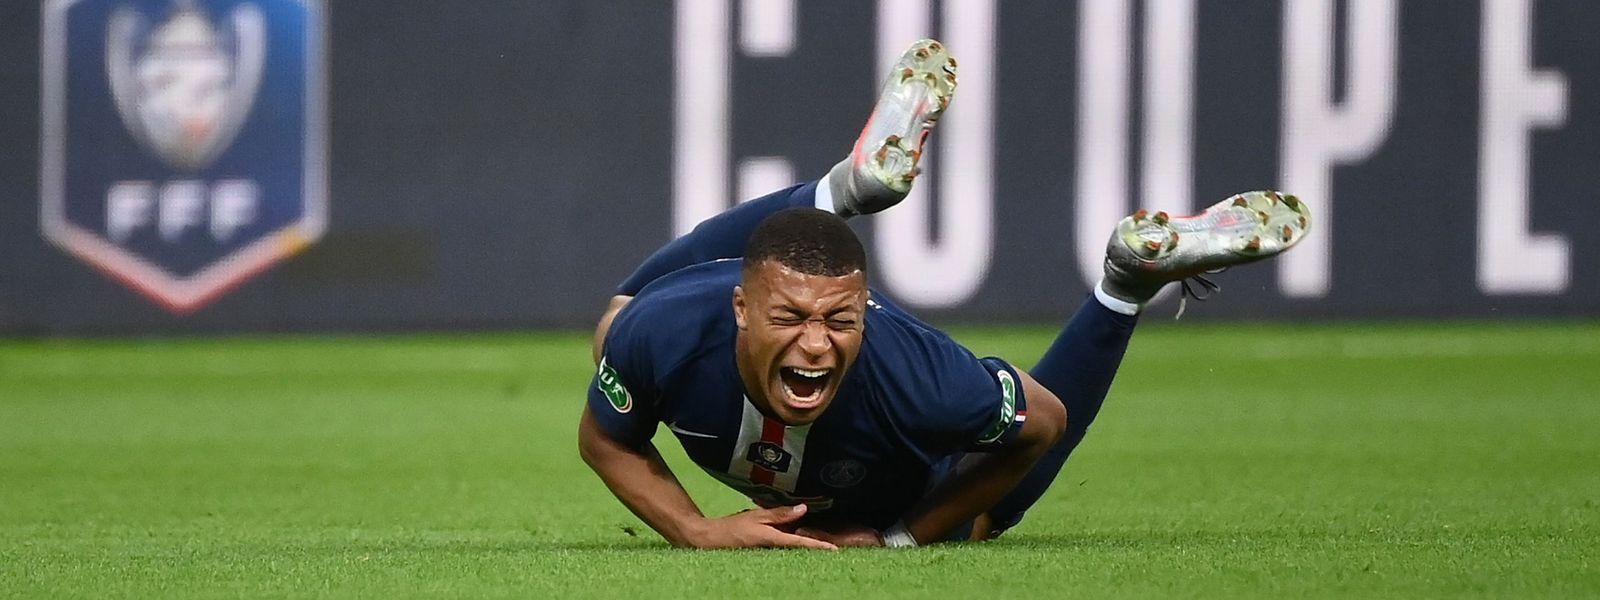 Kylian Mbappé verletzte sich gegen St-Etienne am Knöchel und musste frühzeitig ausgewechselt werden.